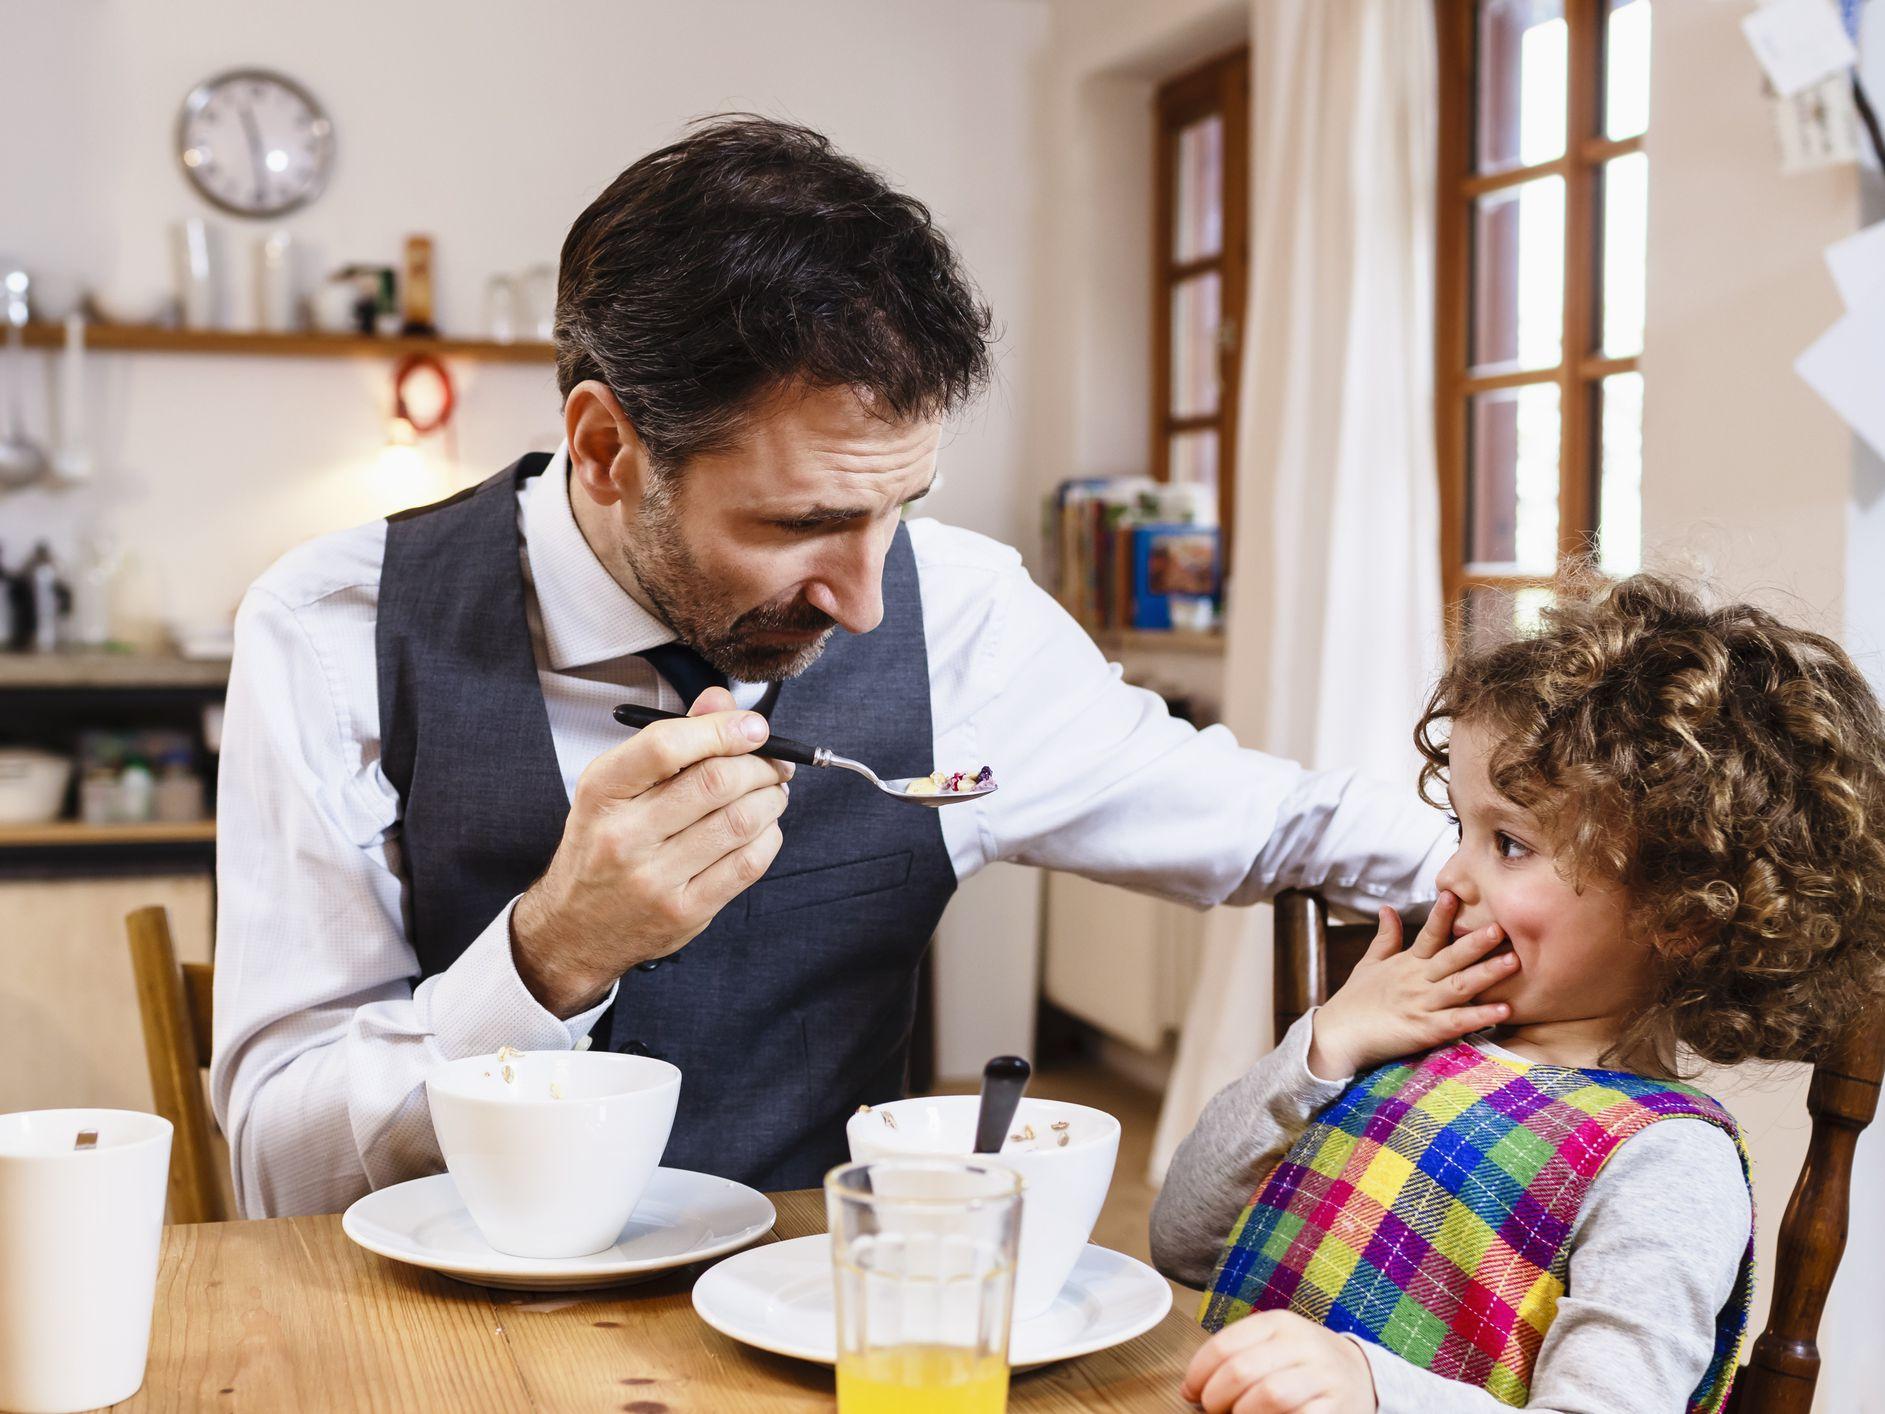 3 Connections Between Autism, Diet, and Behavior